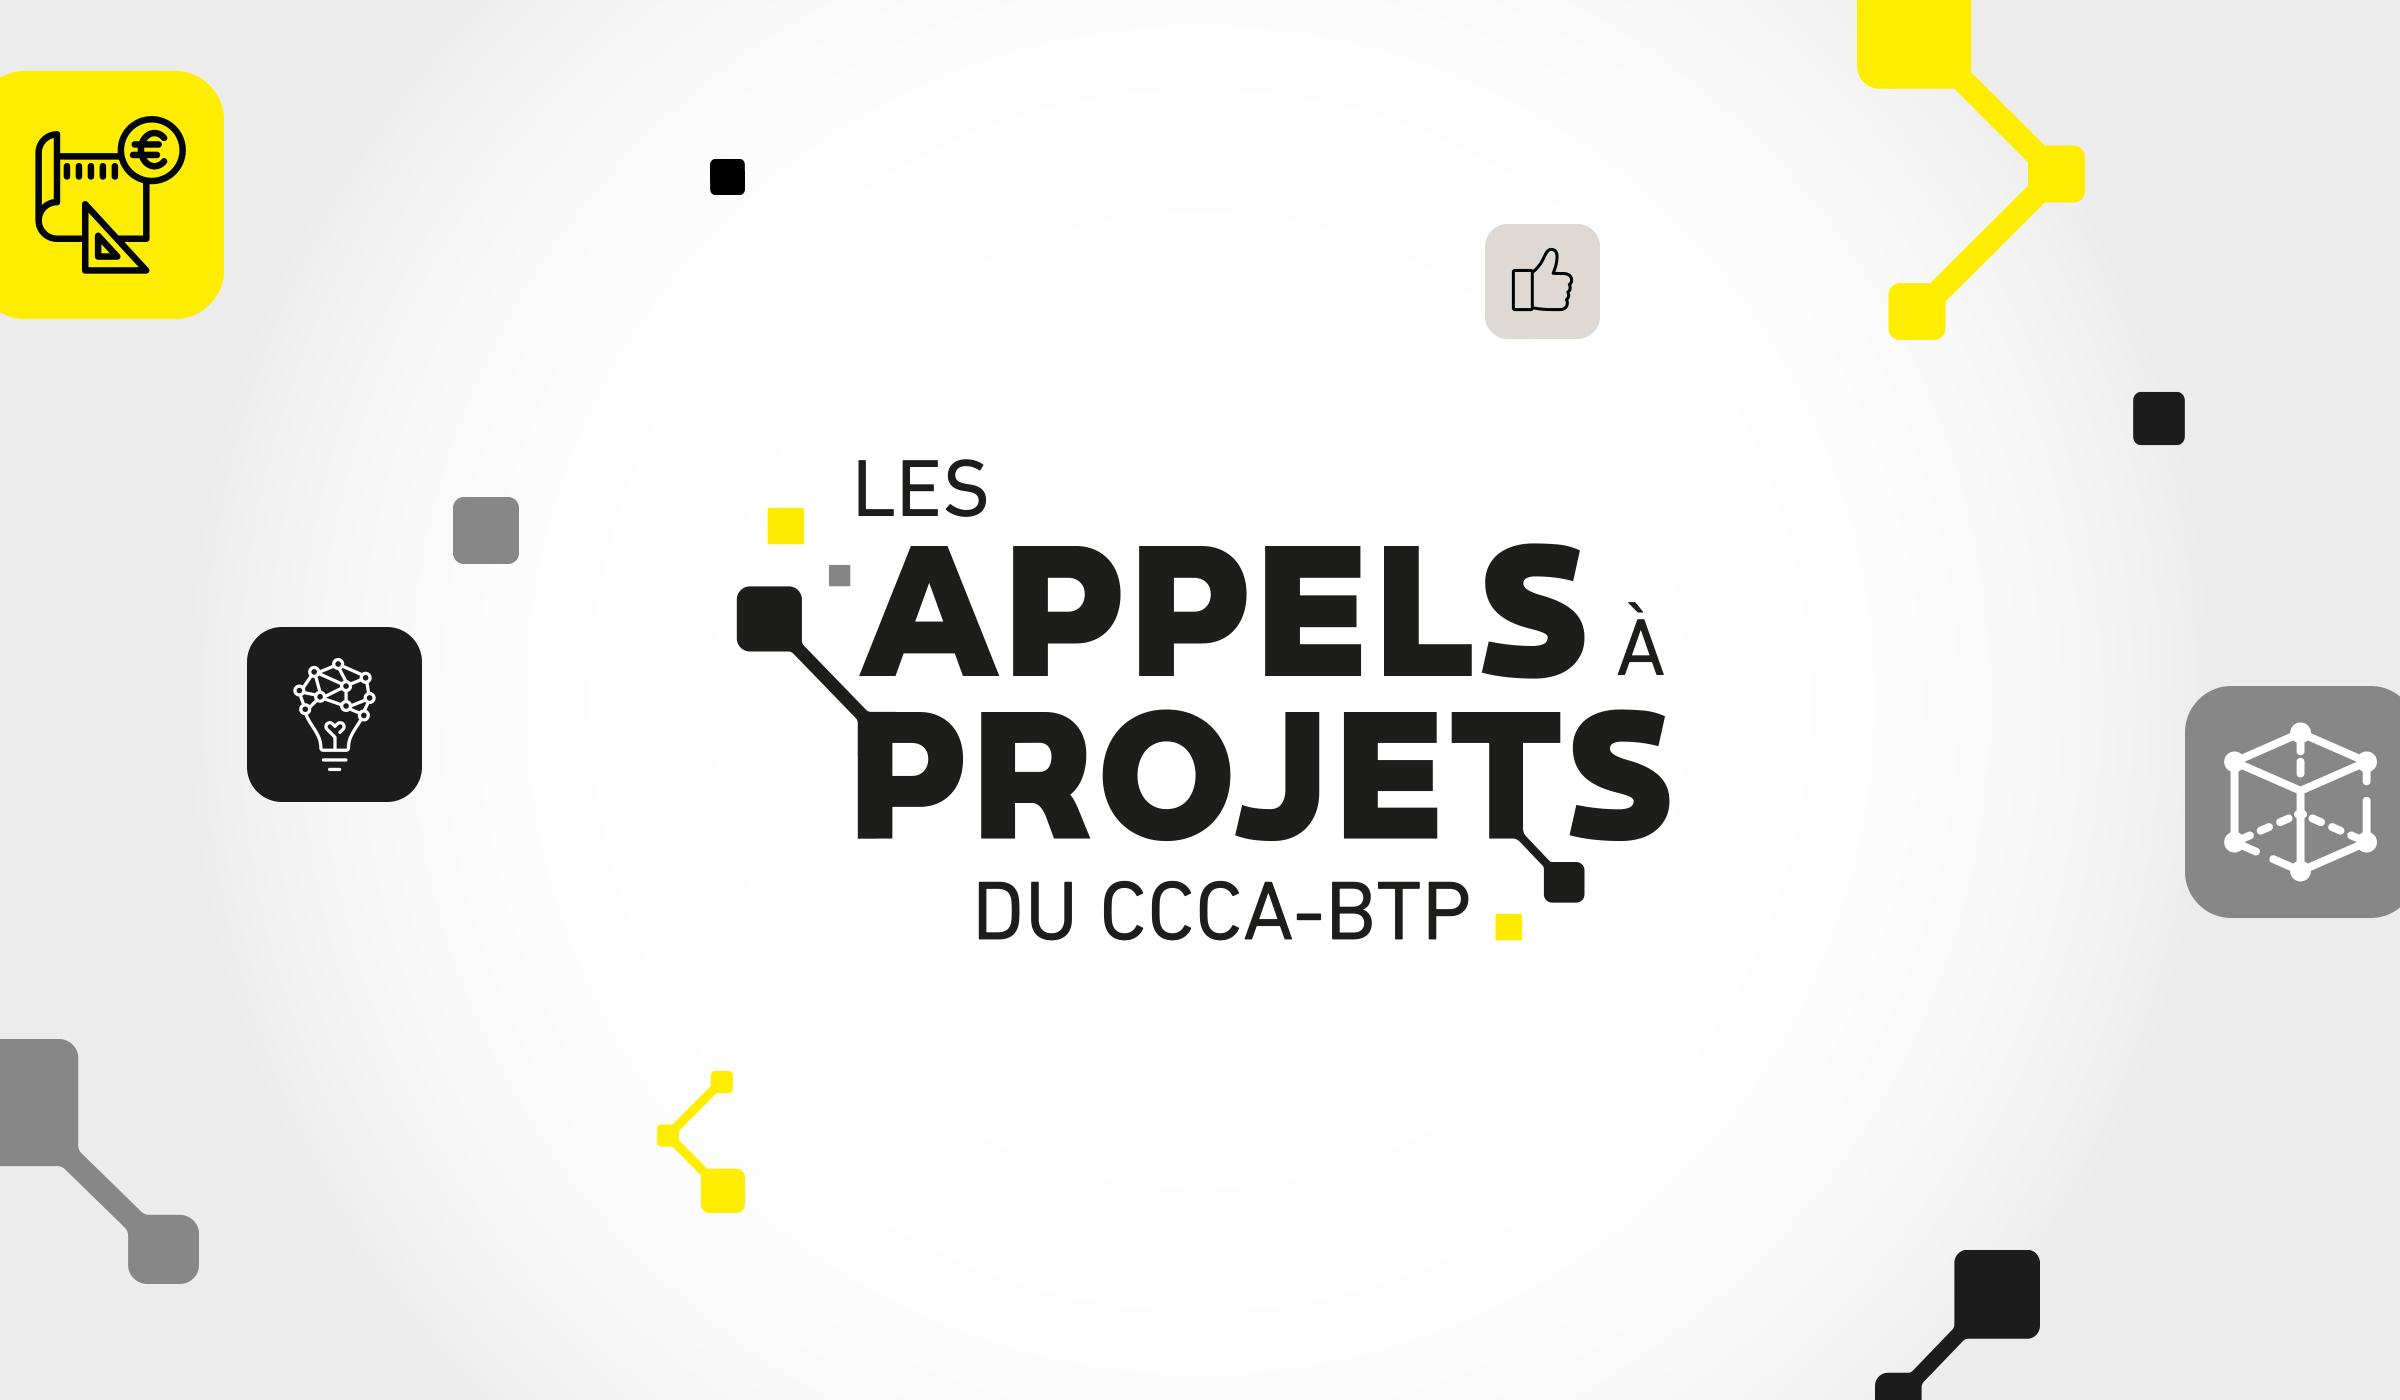 Appels à projets du CCCA-BTP